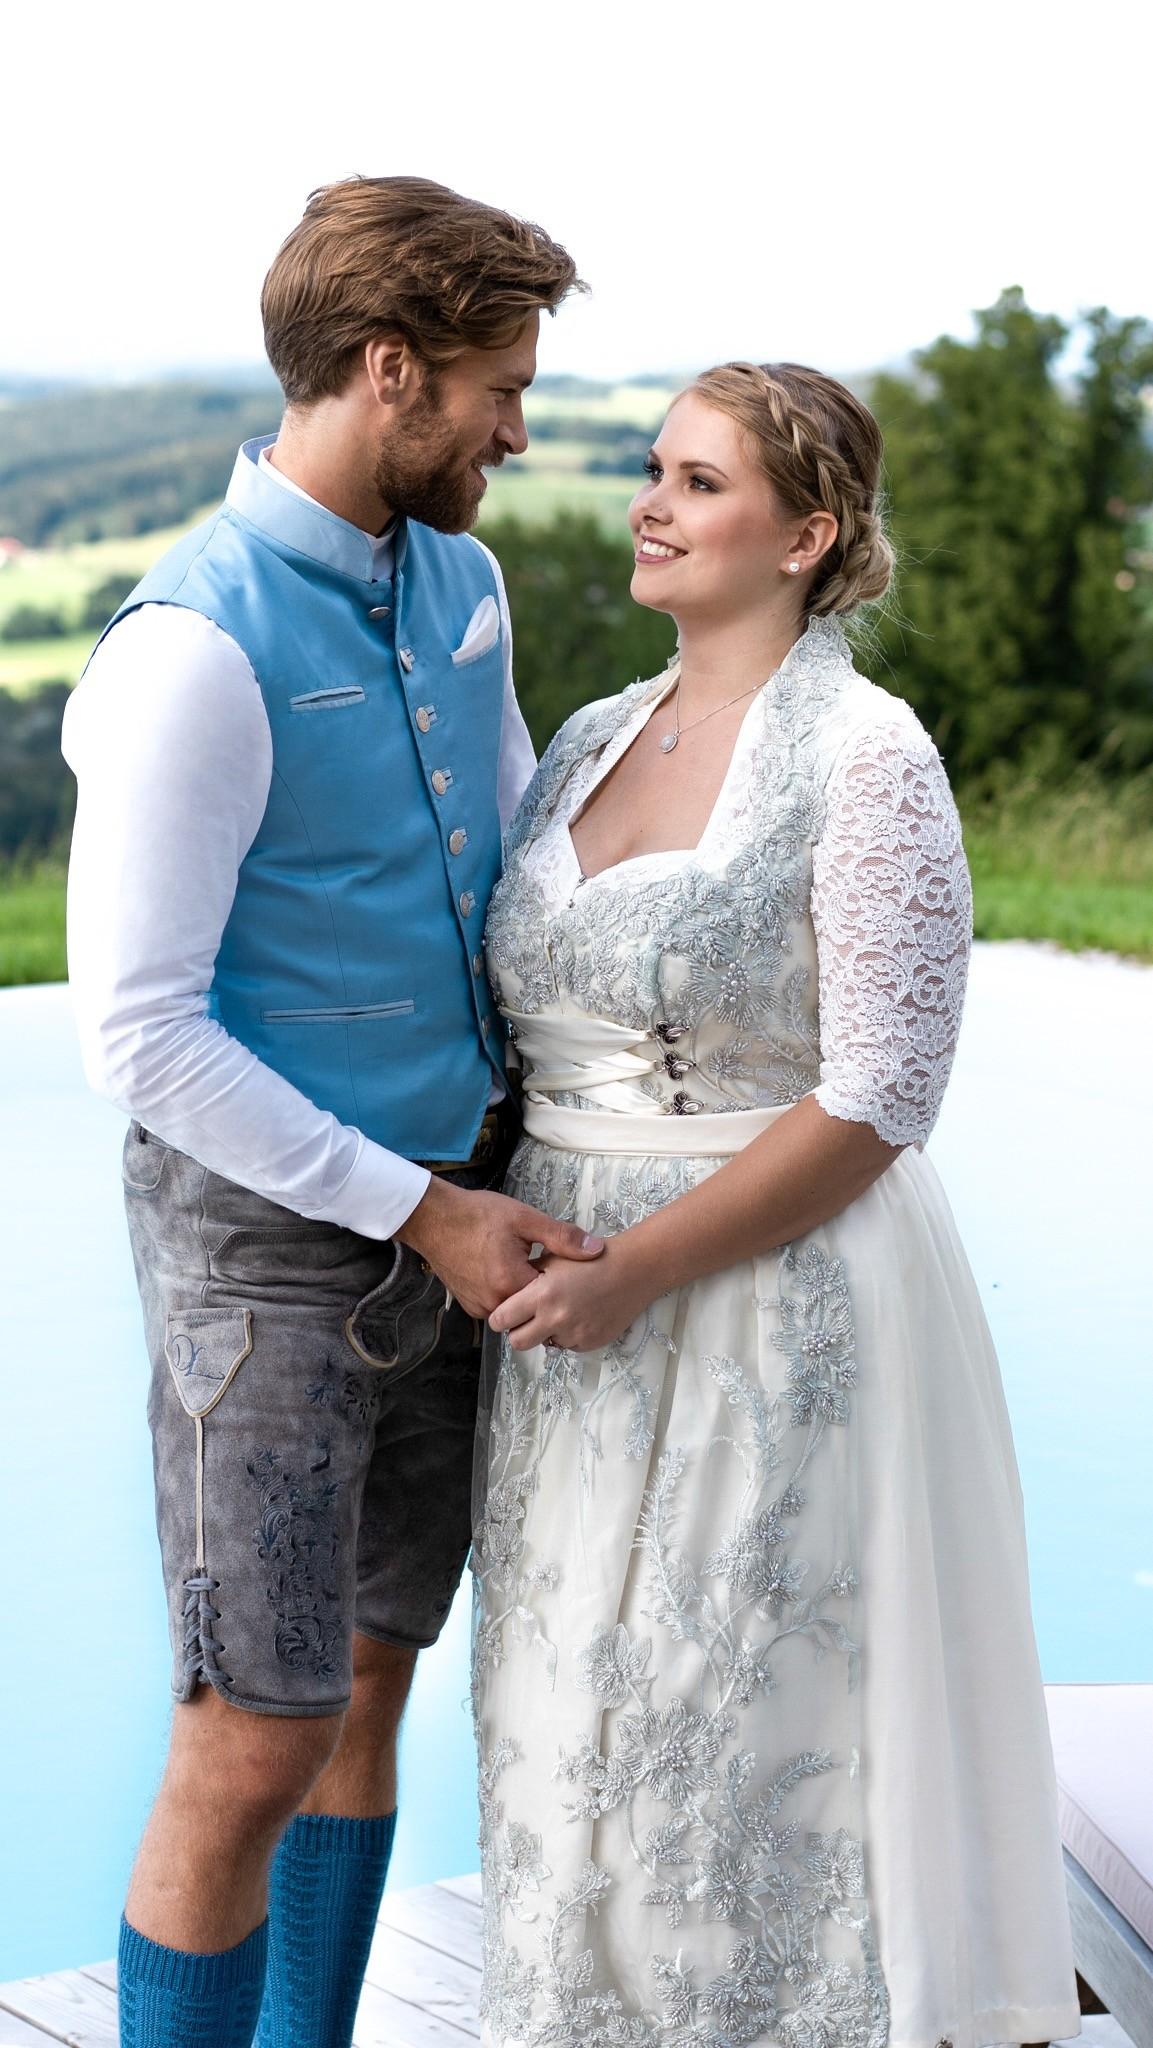 Klassisches Brautdirndl von Dirndl Liebe